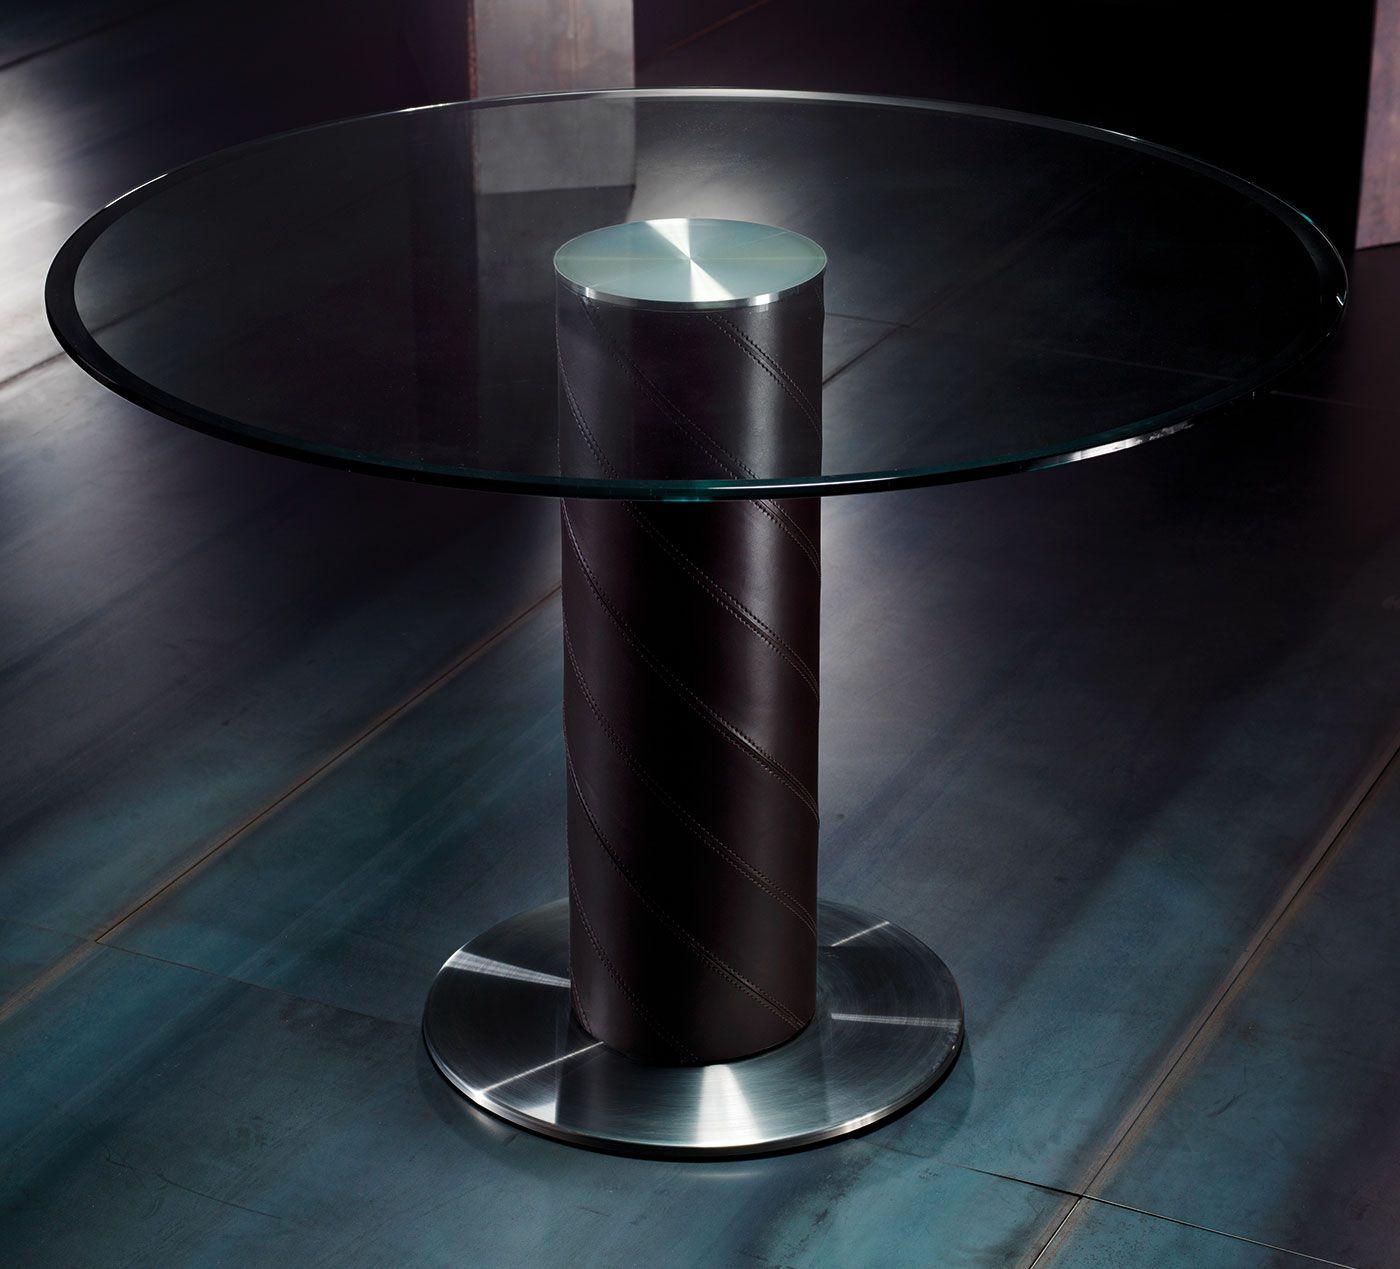 tavolo vetro temperato acciaio satinato trasparente prezzi ... - Arredamento Moderno Casa Prezzi